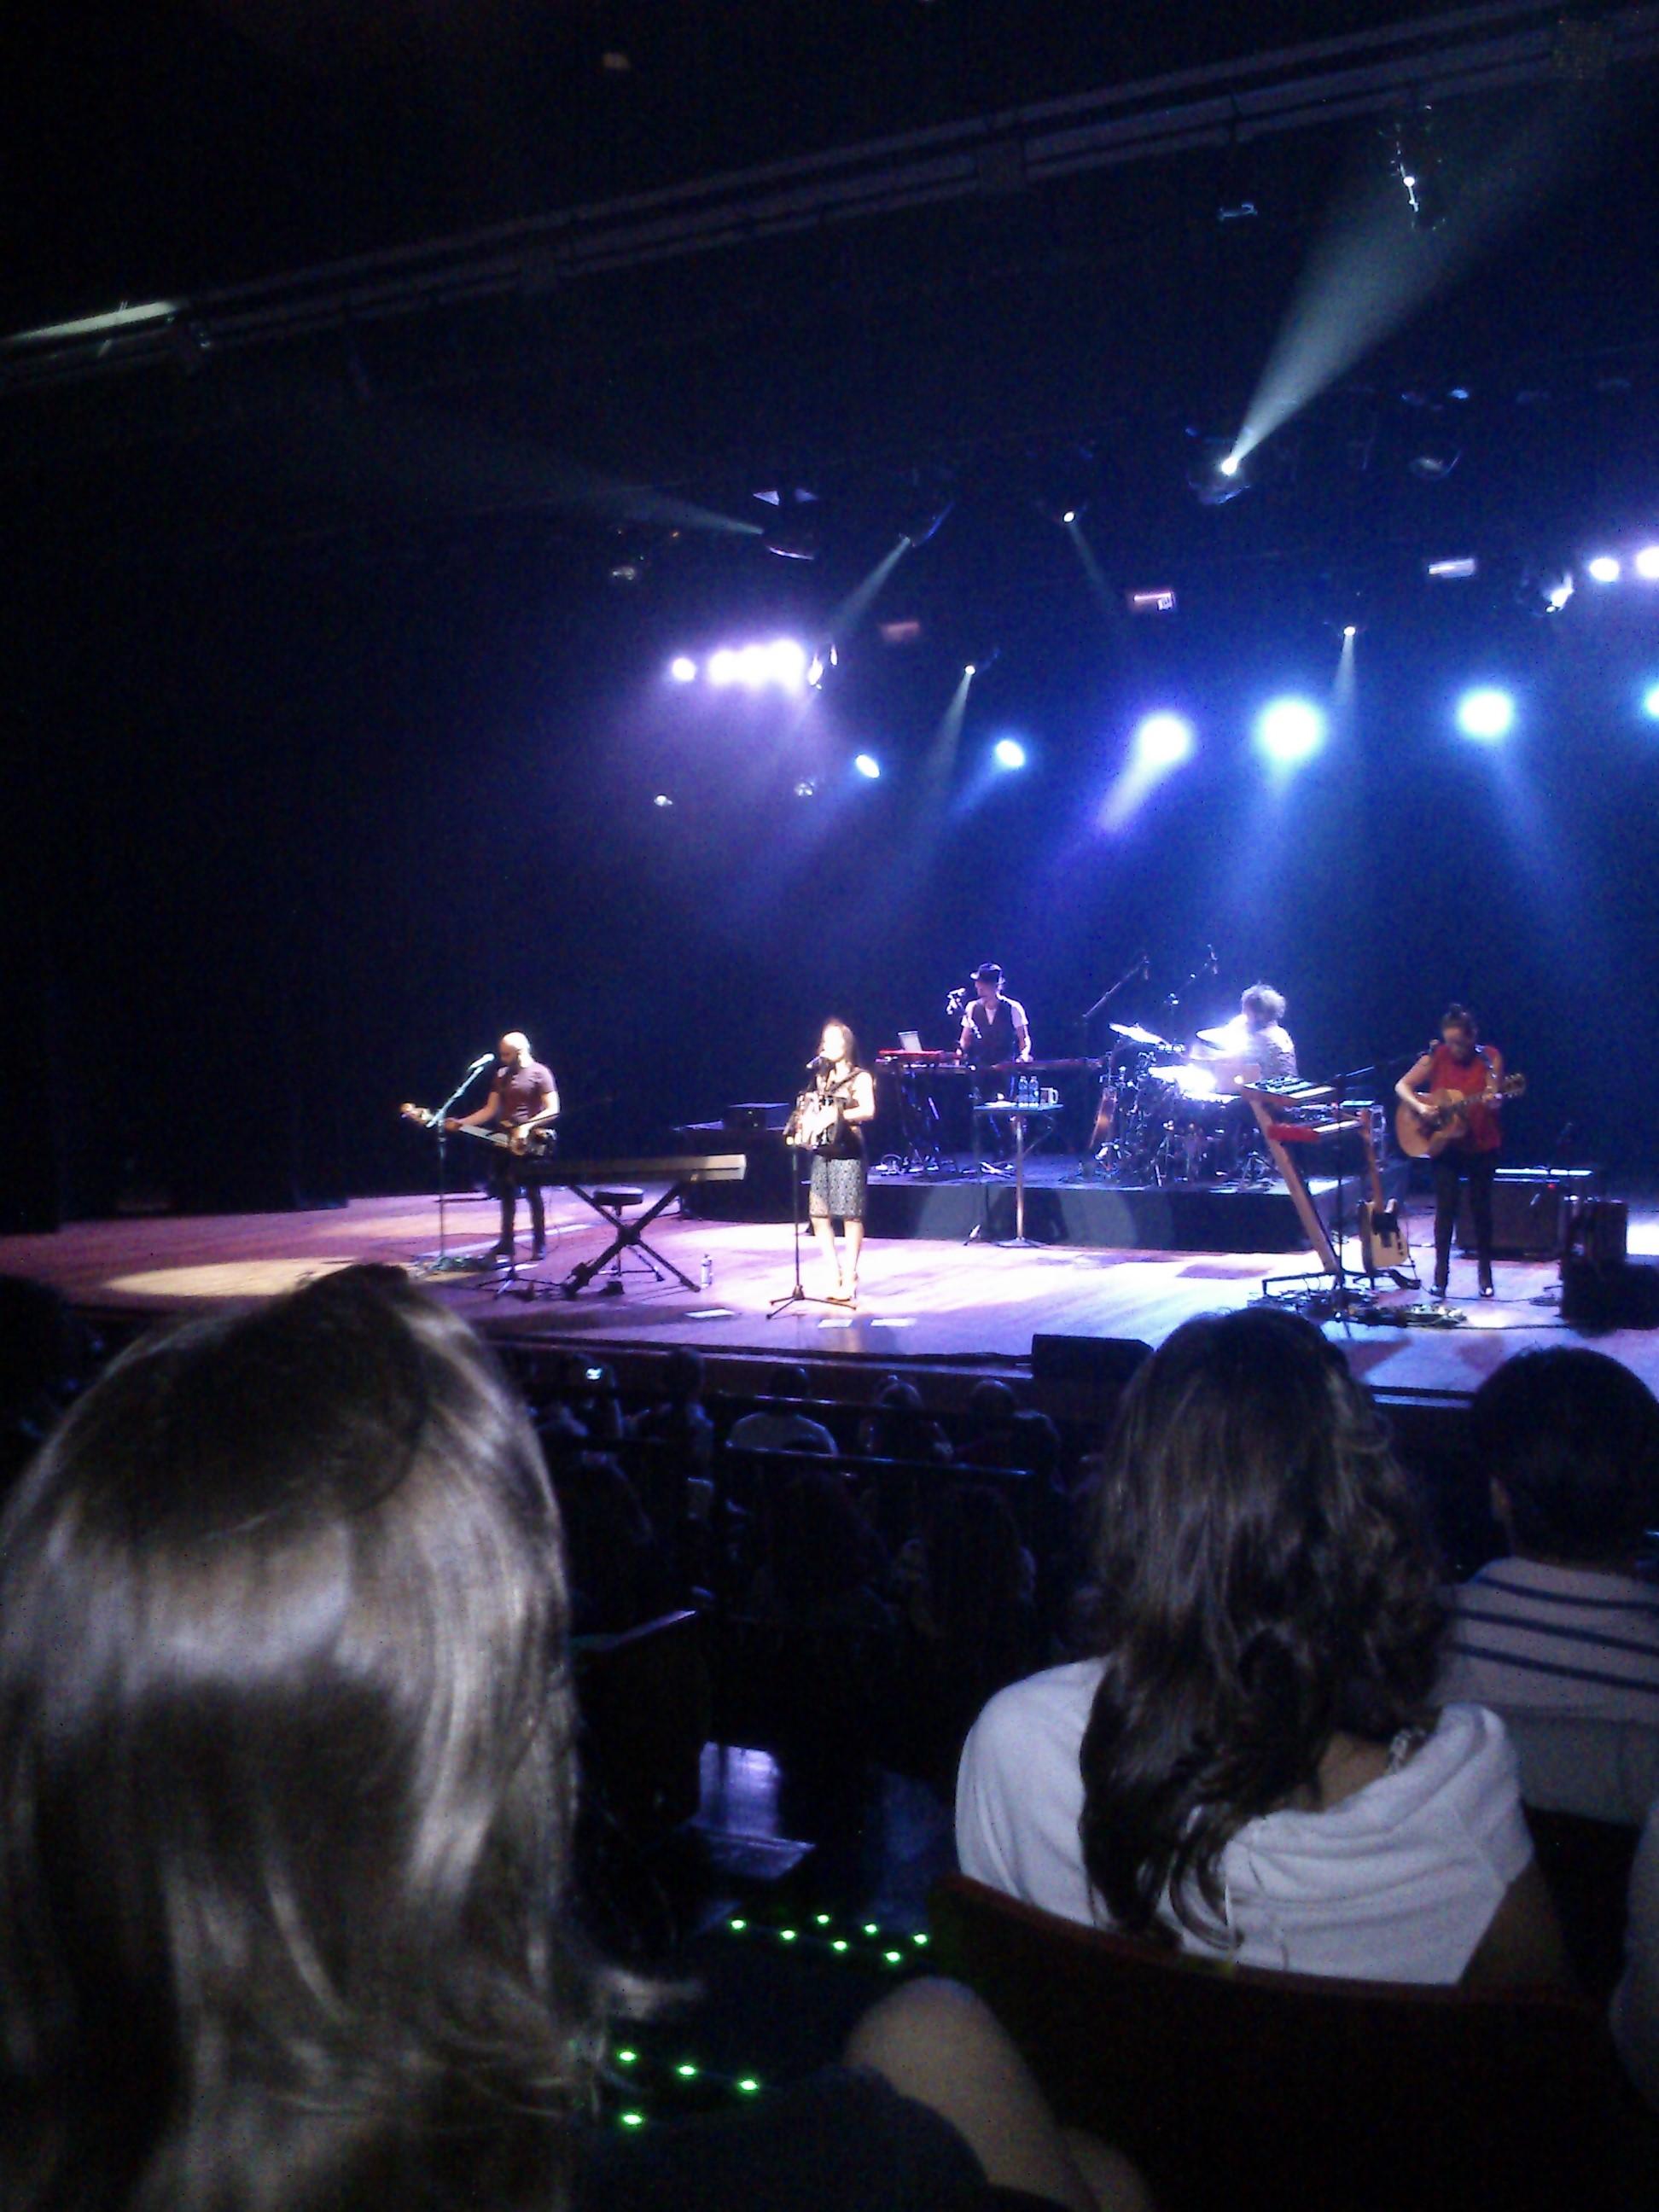 Julieta Venegas actuando en directo el 21 de mayo de 2014 en Natal, Brasil.